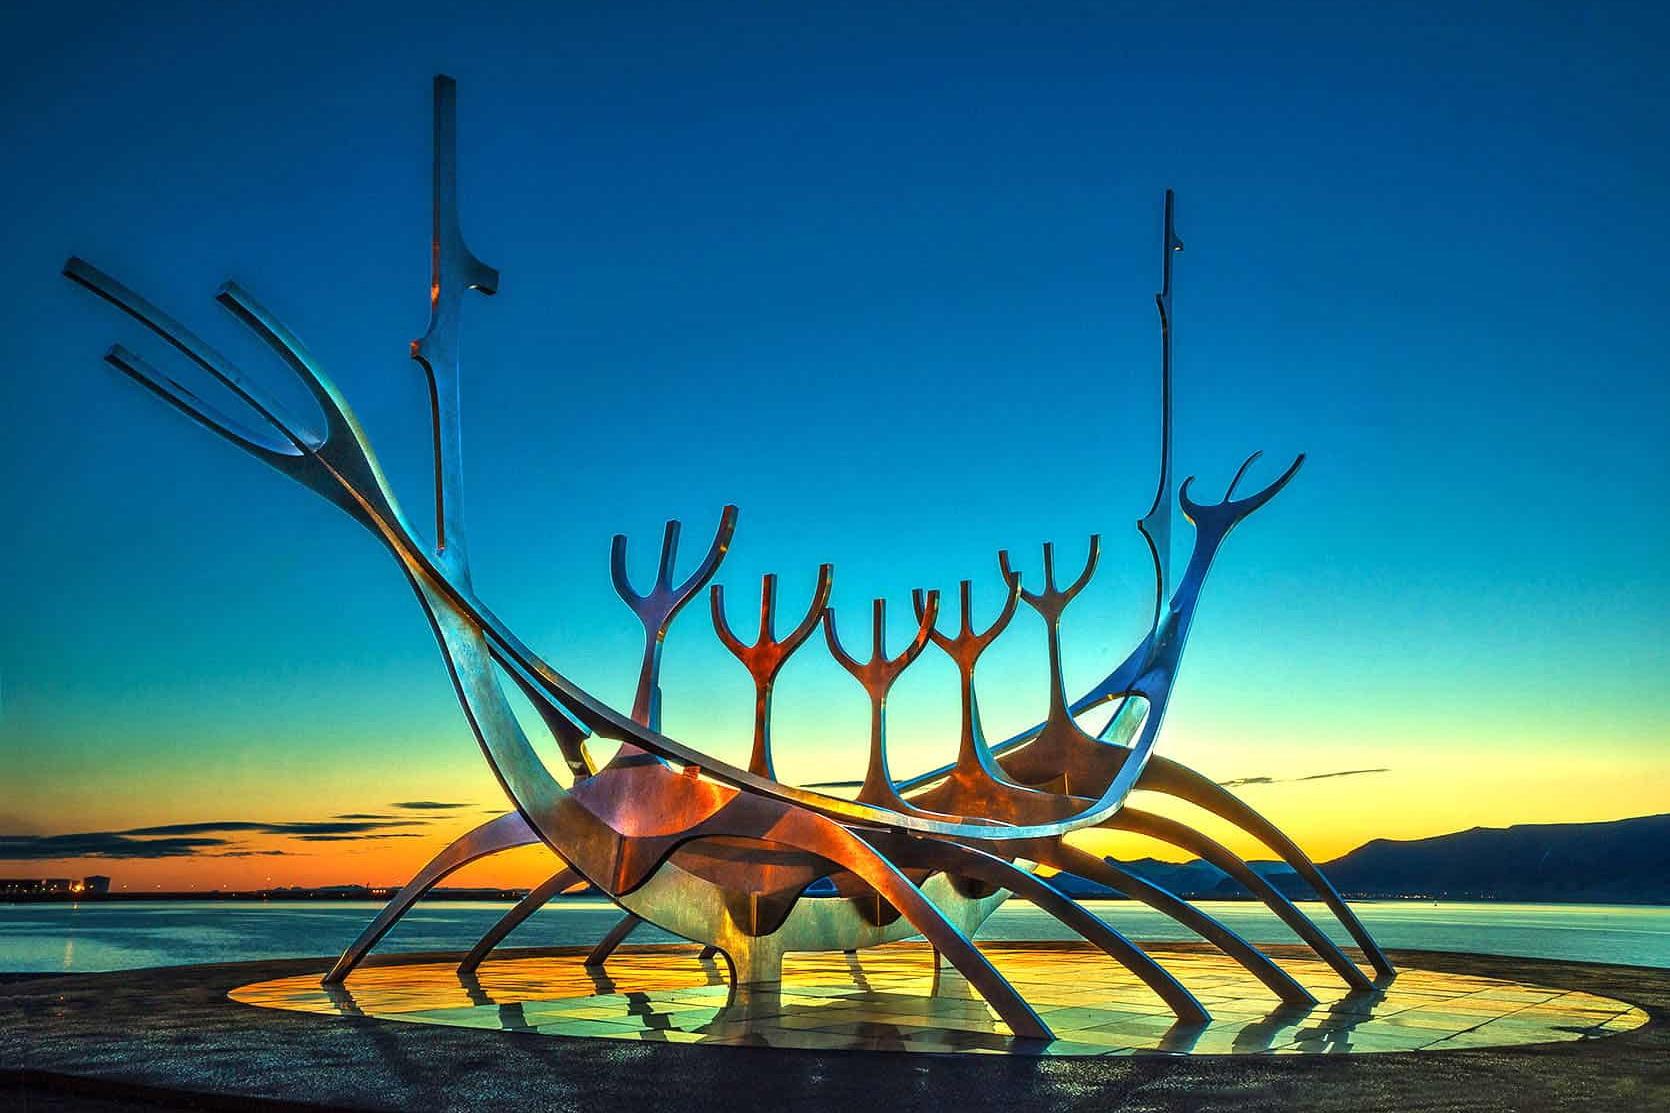 Скульптура Солнечный странник в Рейкьявике